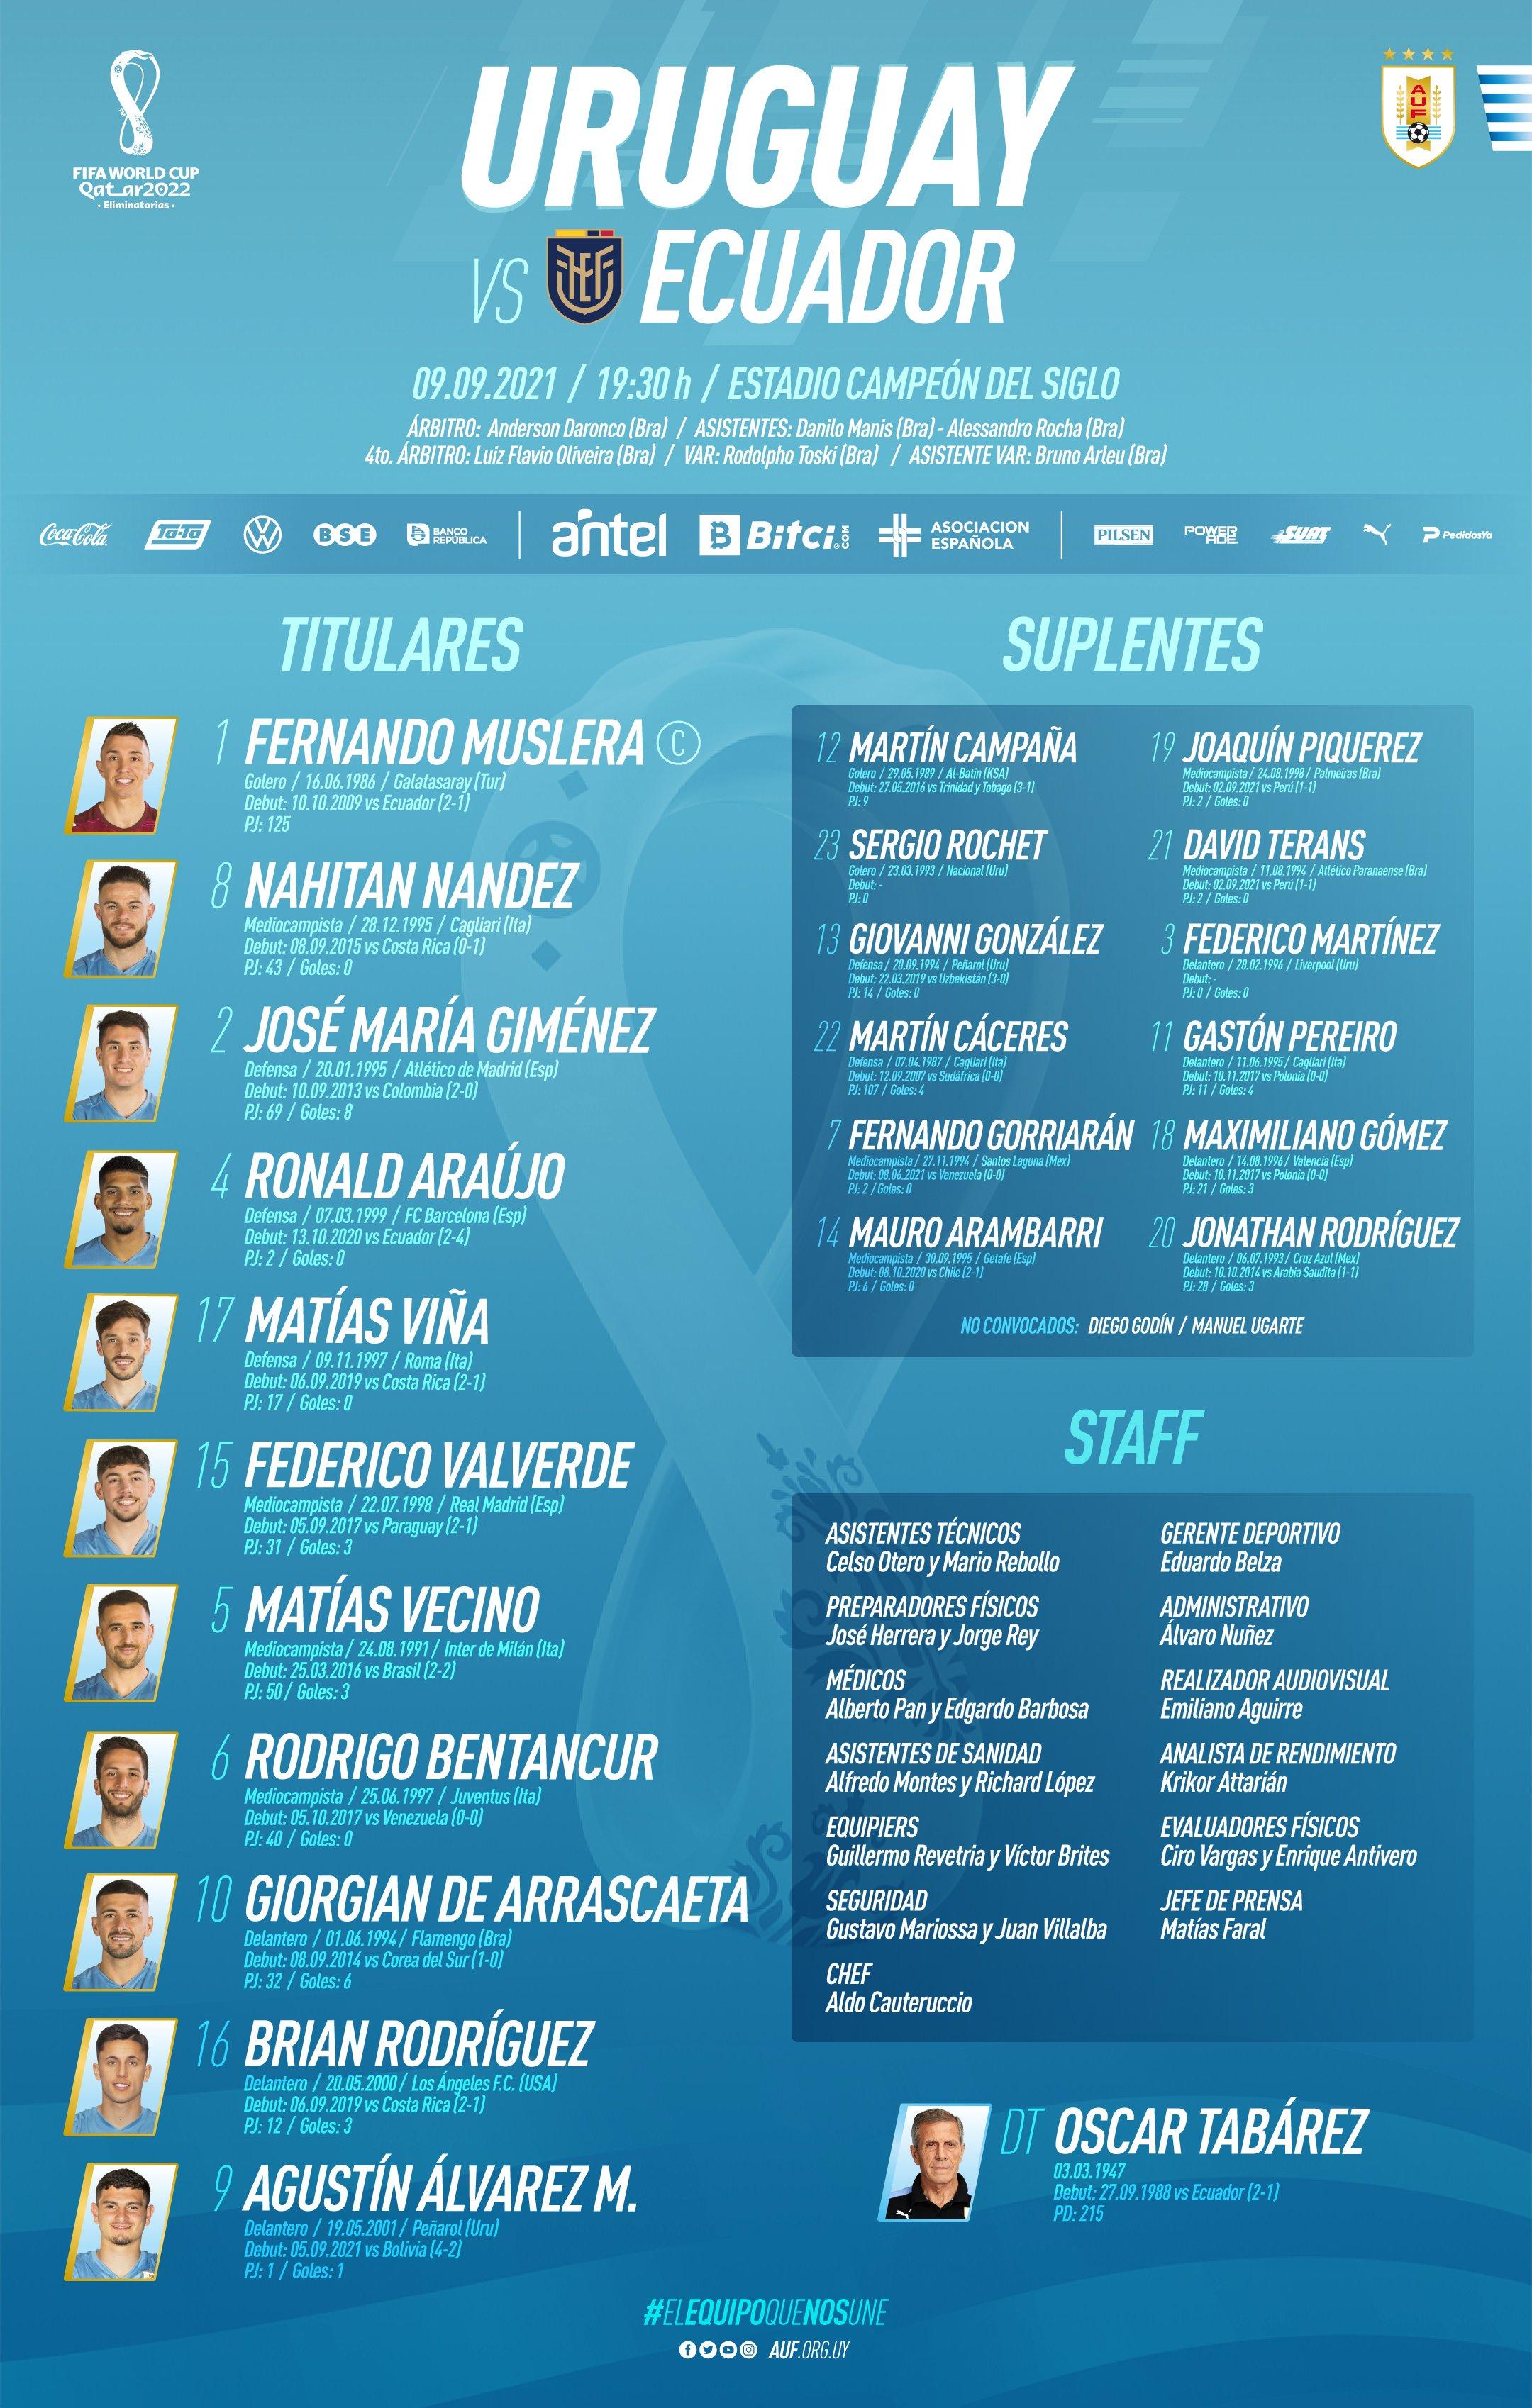 Uruguay formation